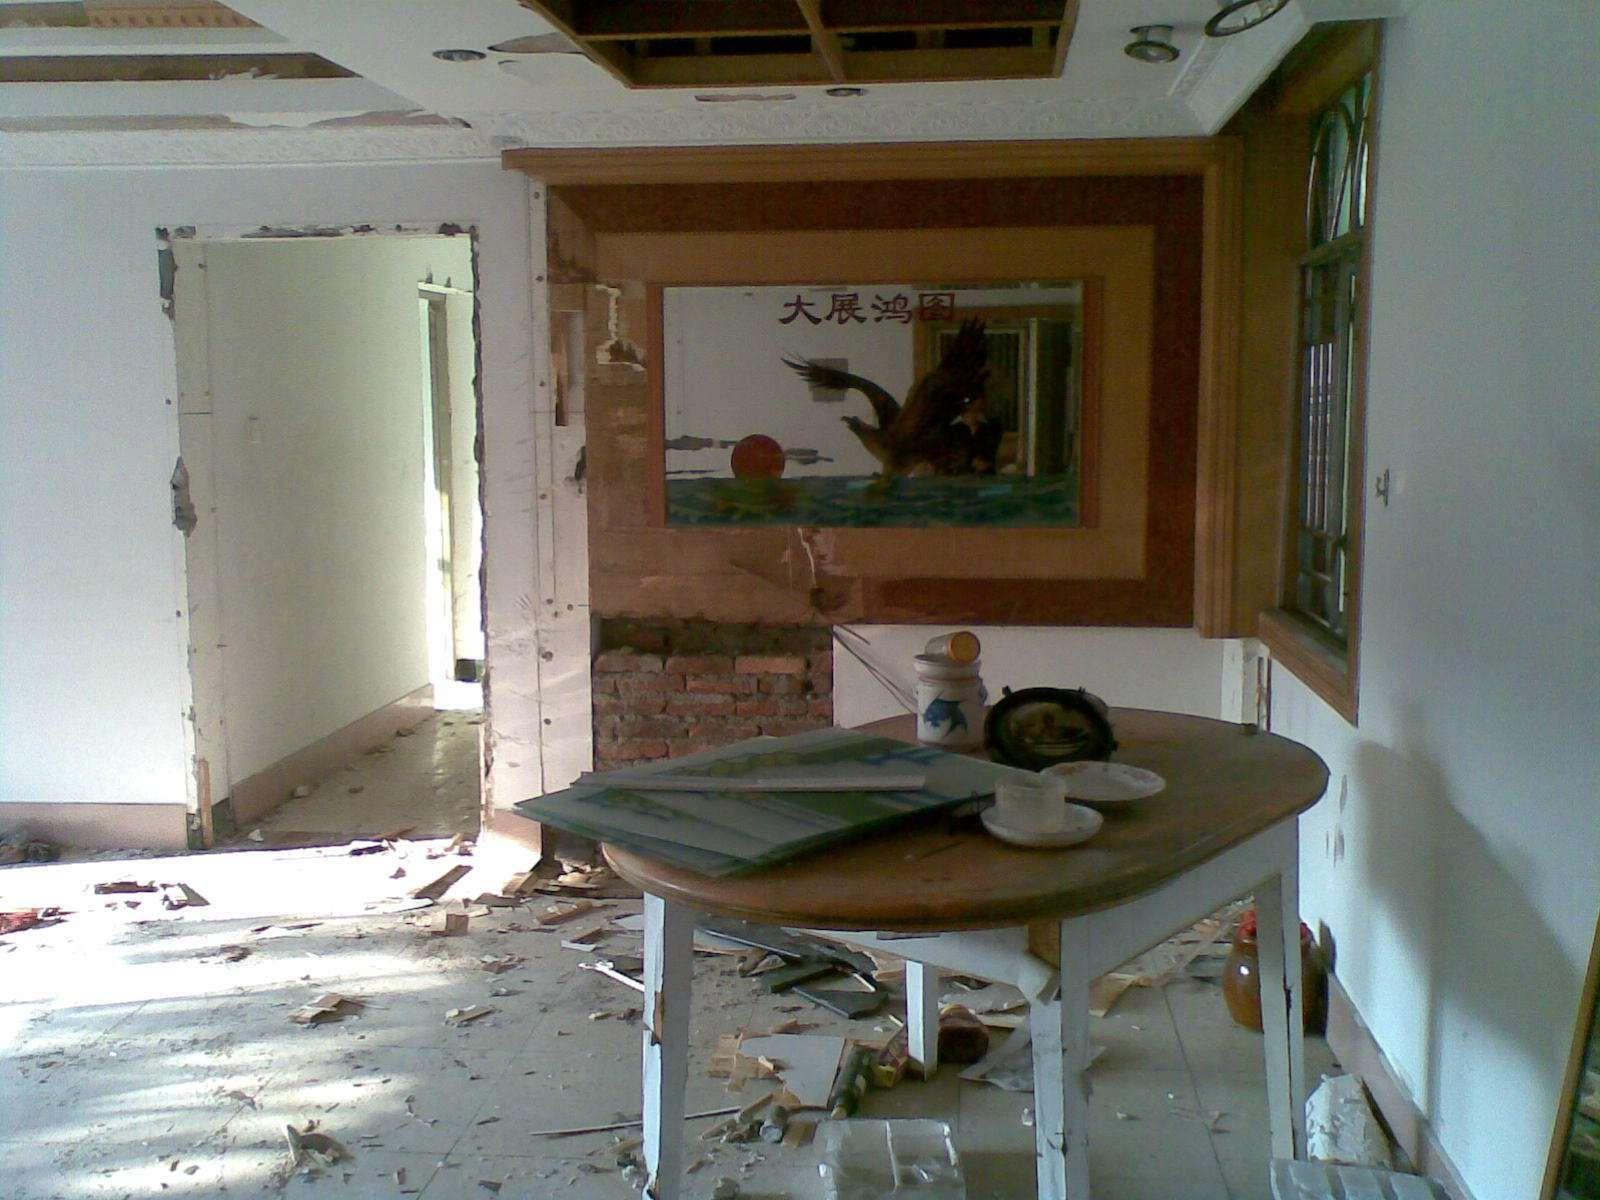 旧房装修改造的步骤 旧房装修改造注意事项